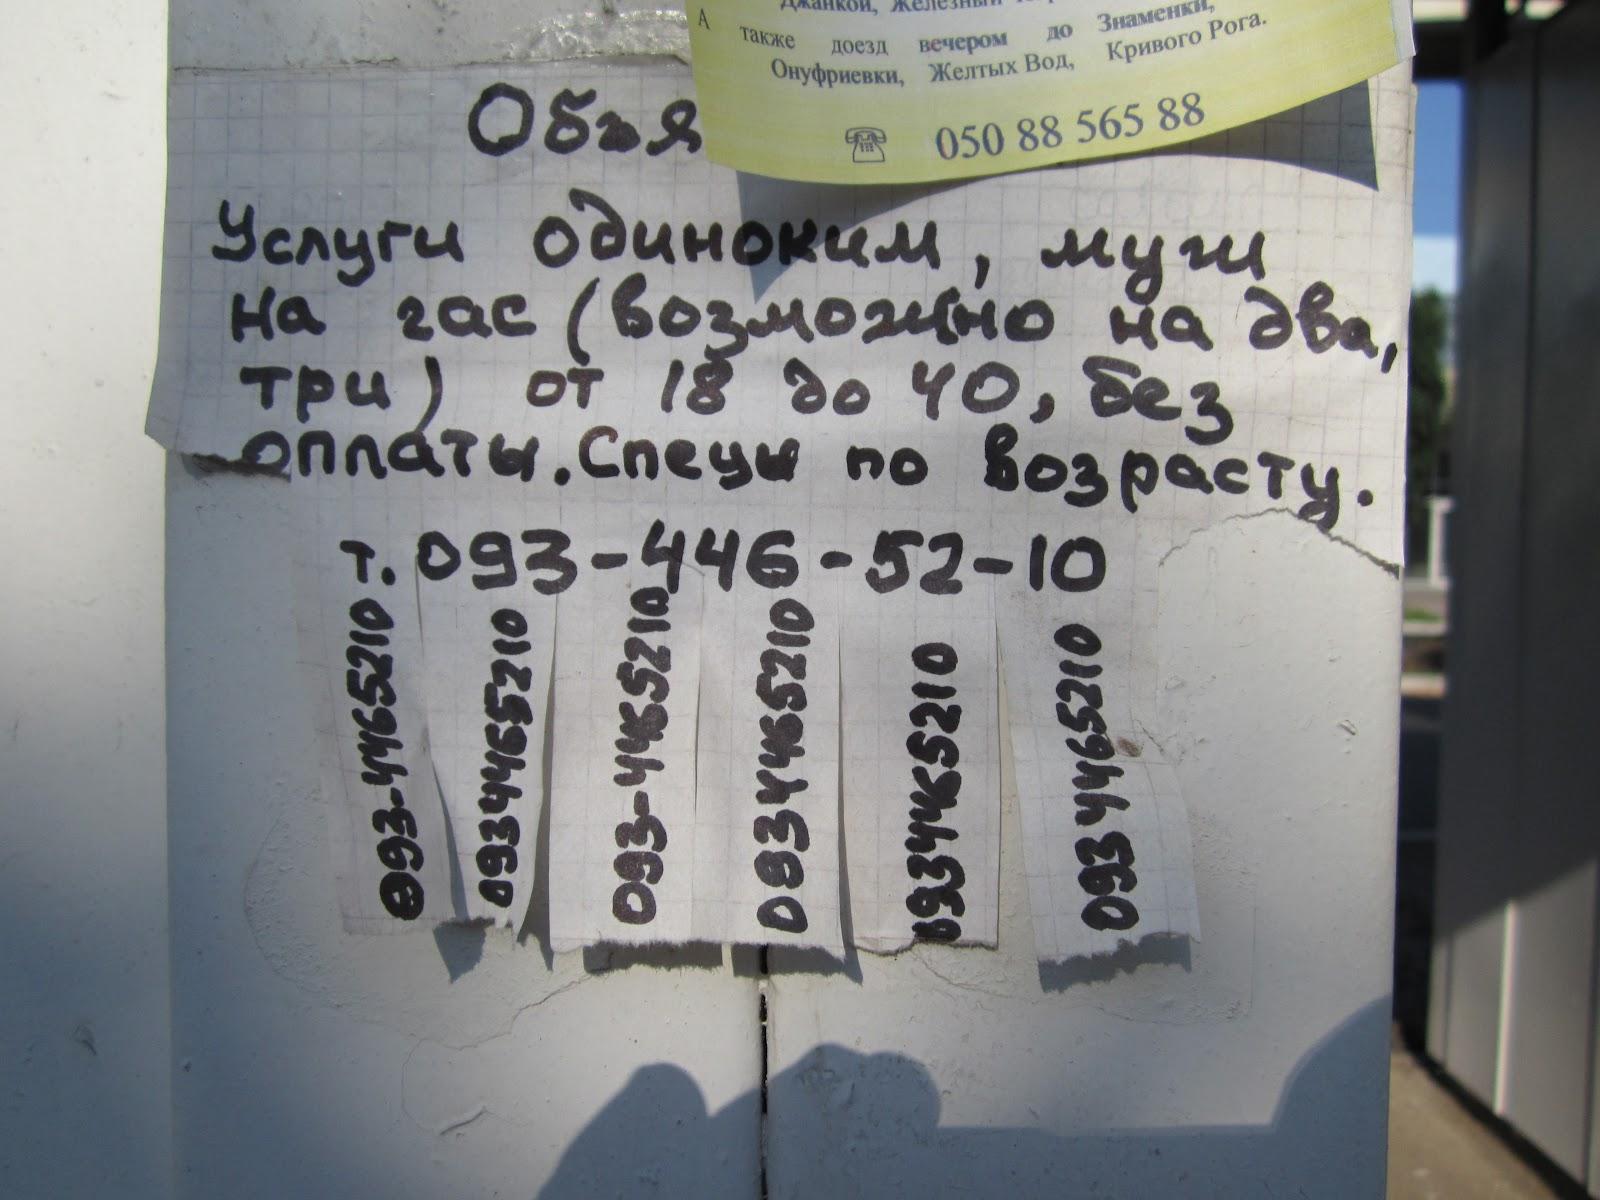 Объявления эскорт услуги аренда недвижимости в новосибирске частные объявления